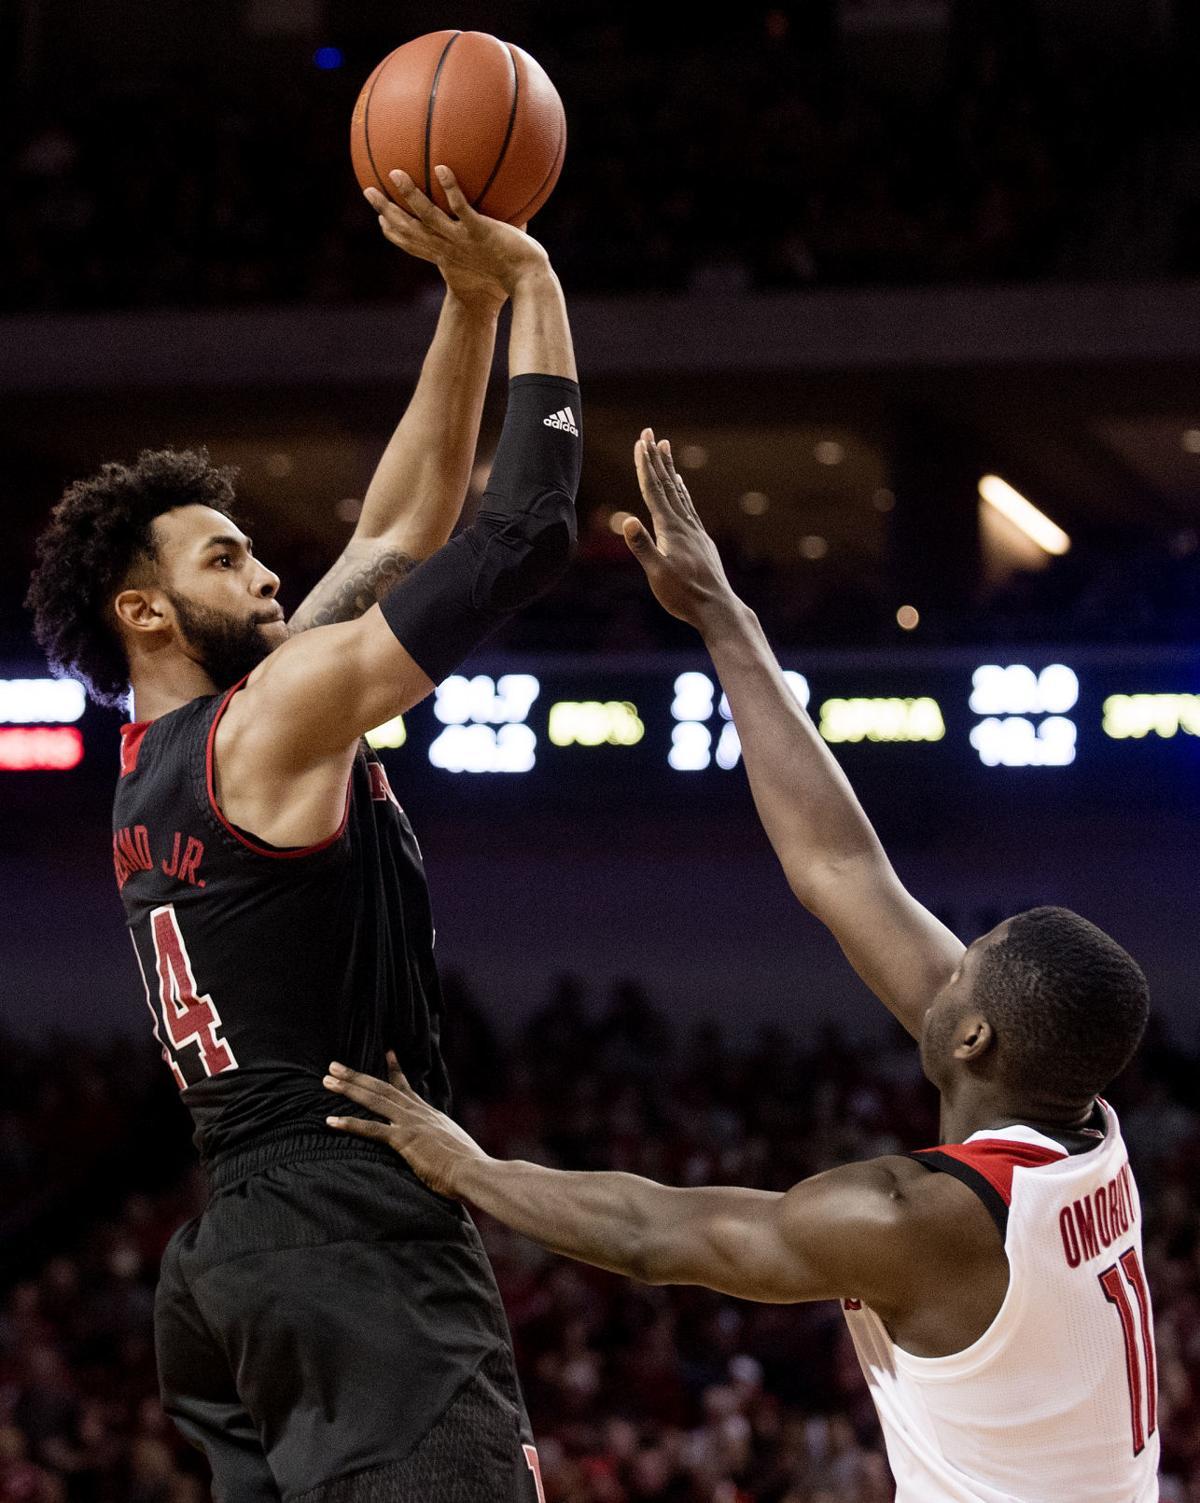 Rutgers vs. Nebraska, 2/10/18